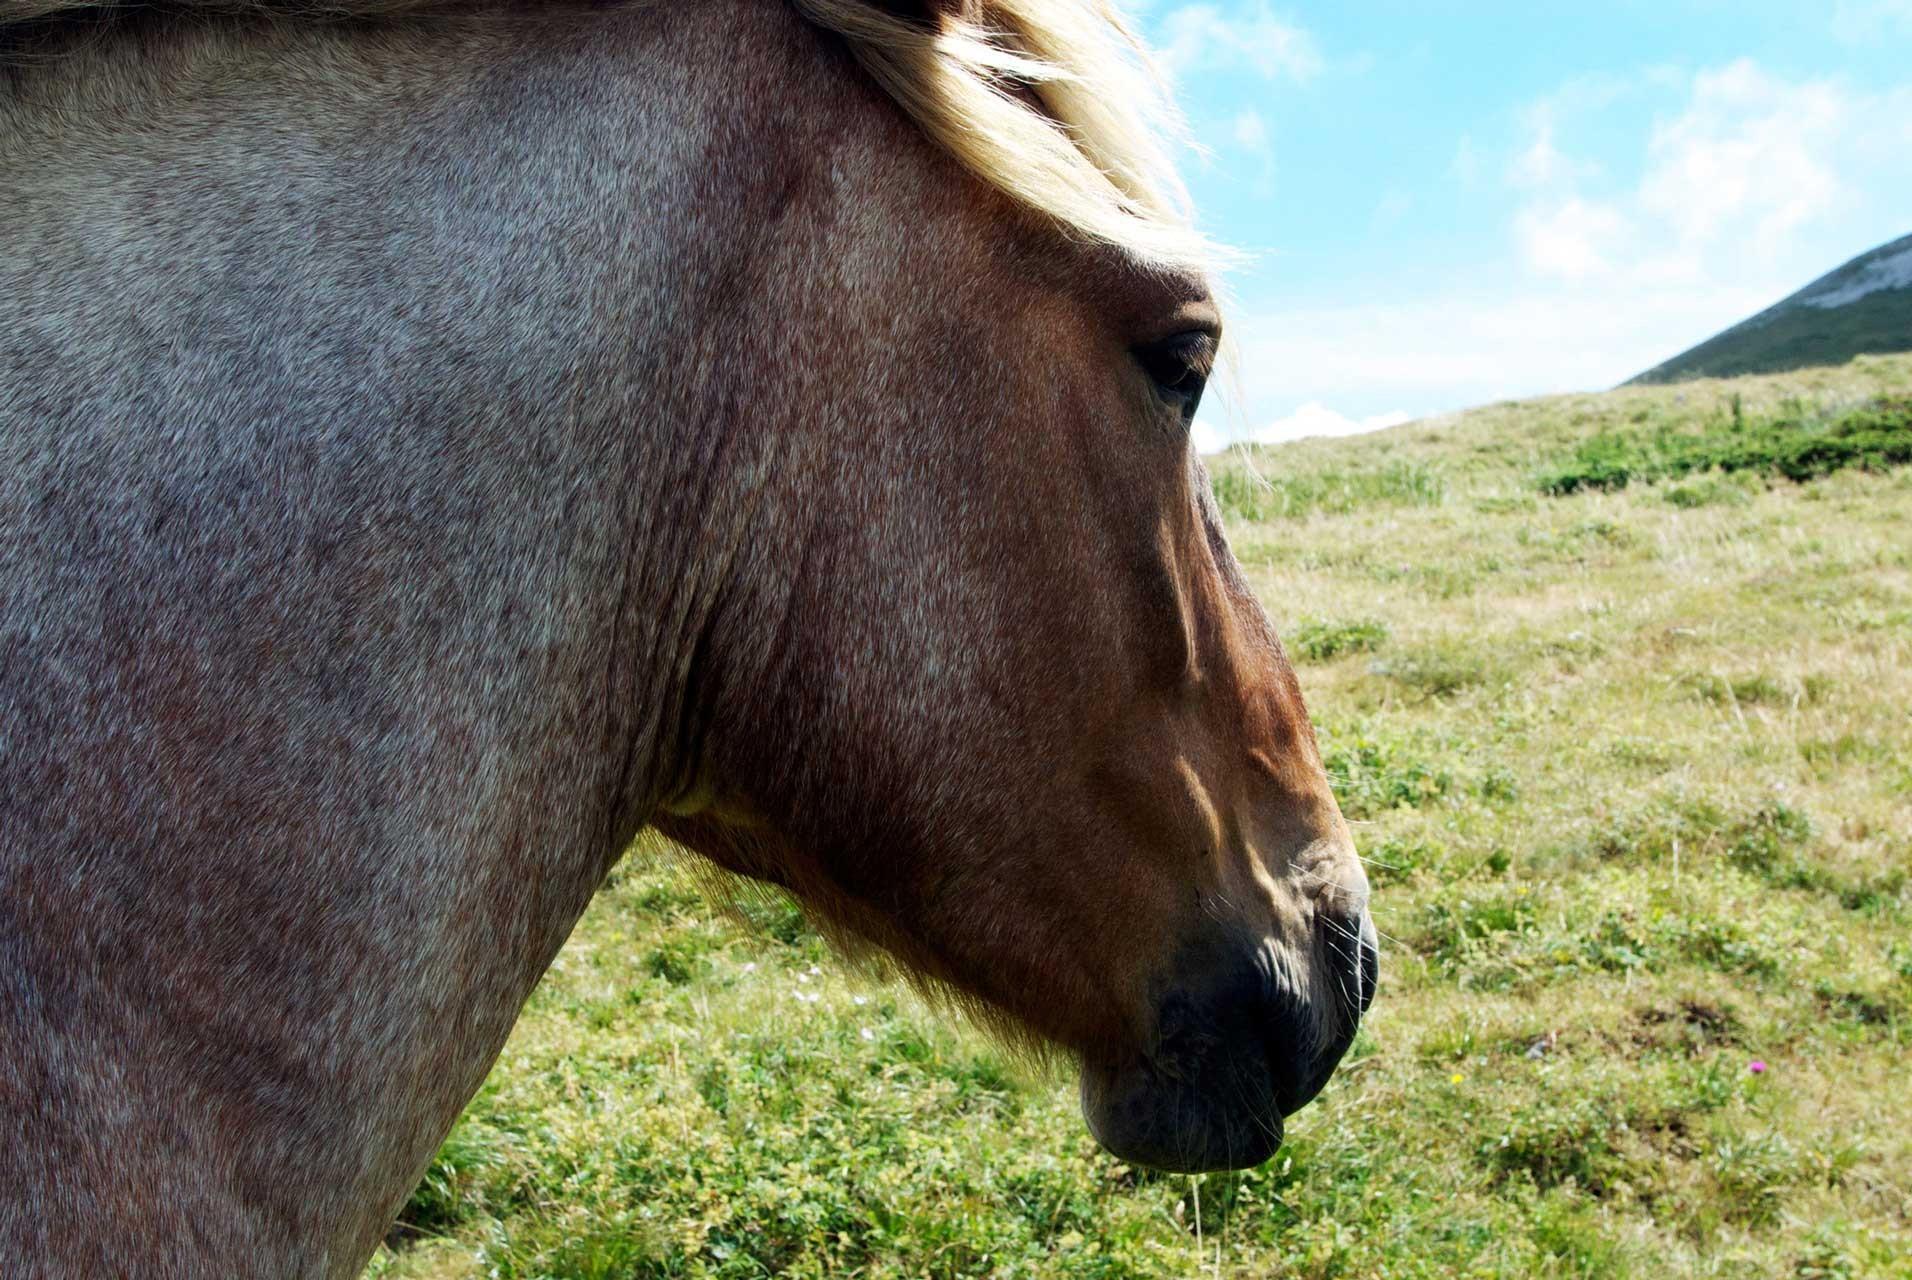 Laure-Maud_13_photographe_paysage_Vercors_Font-Urle_chevaux_03